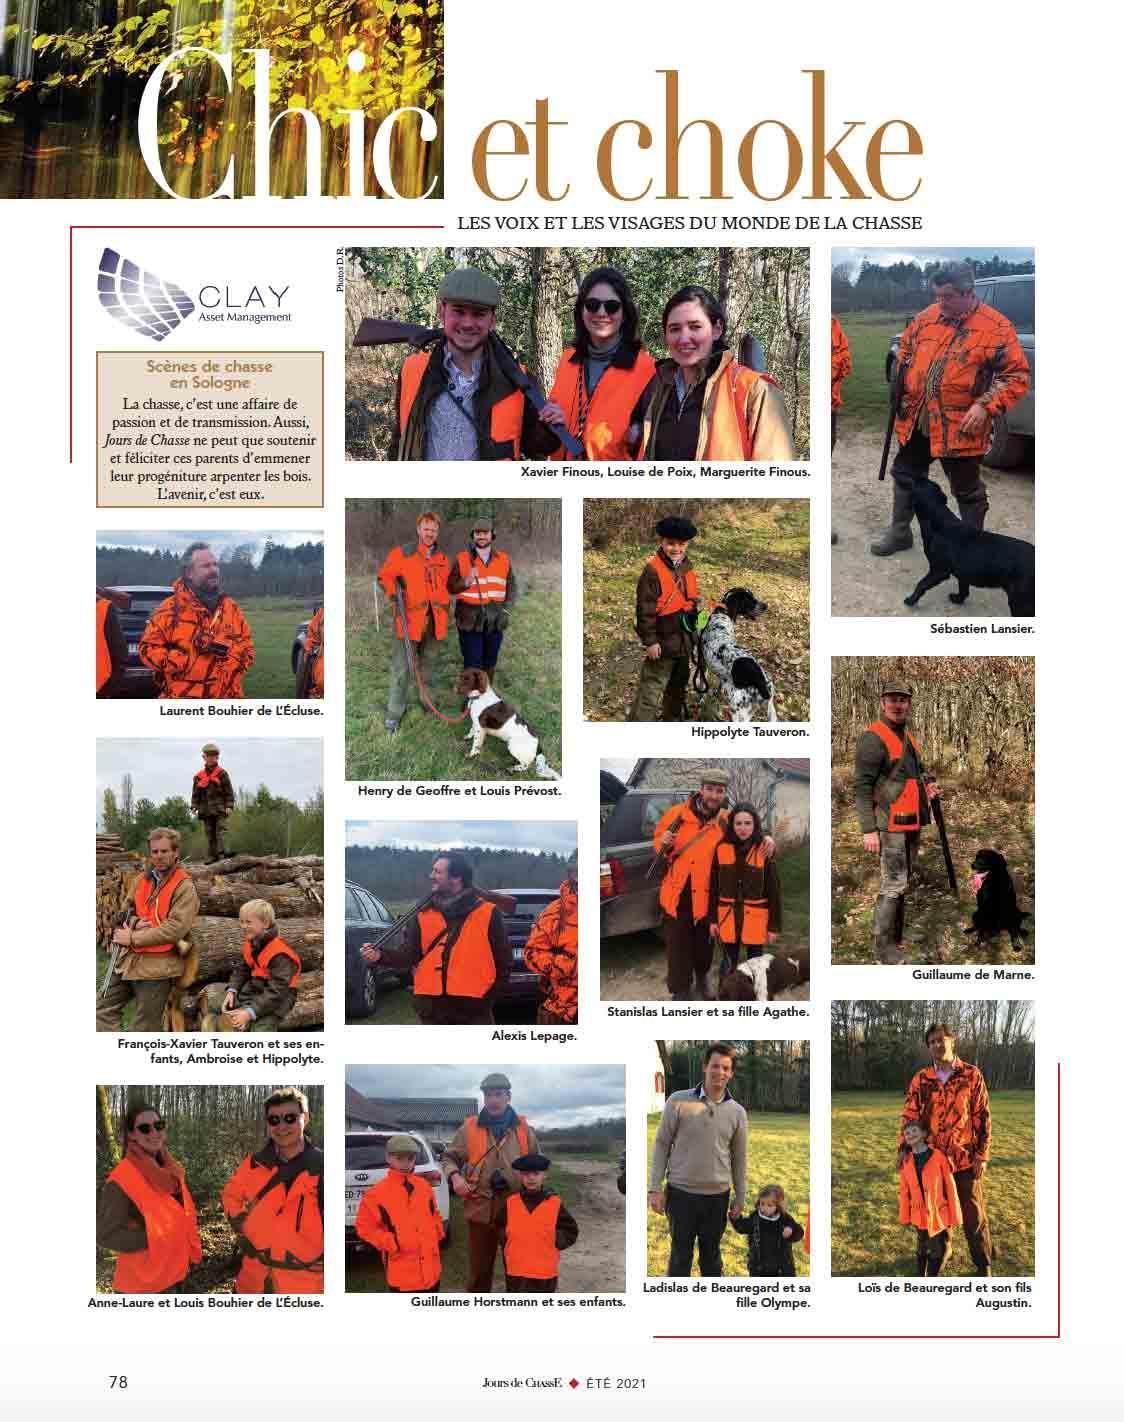 Scènes de chasse en Sologne